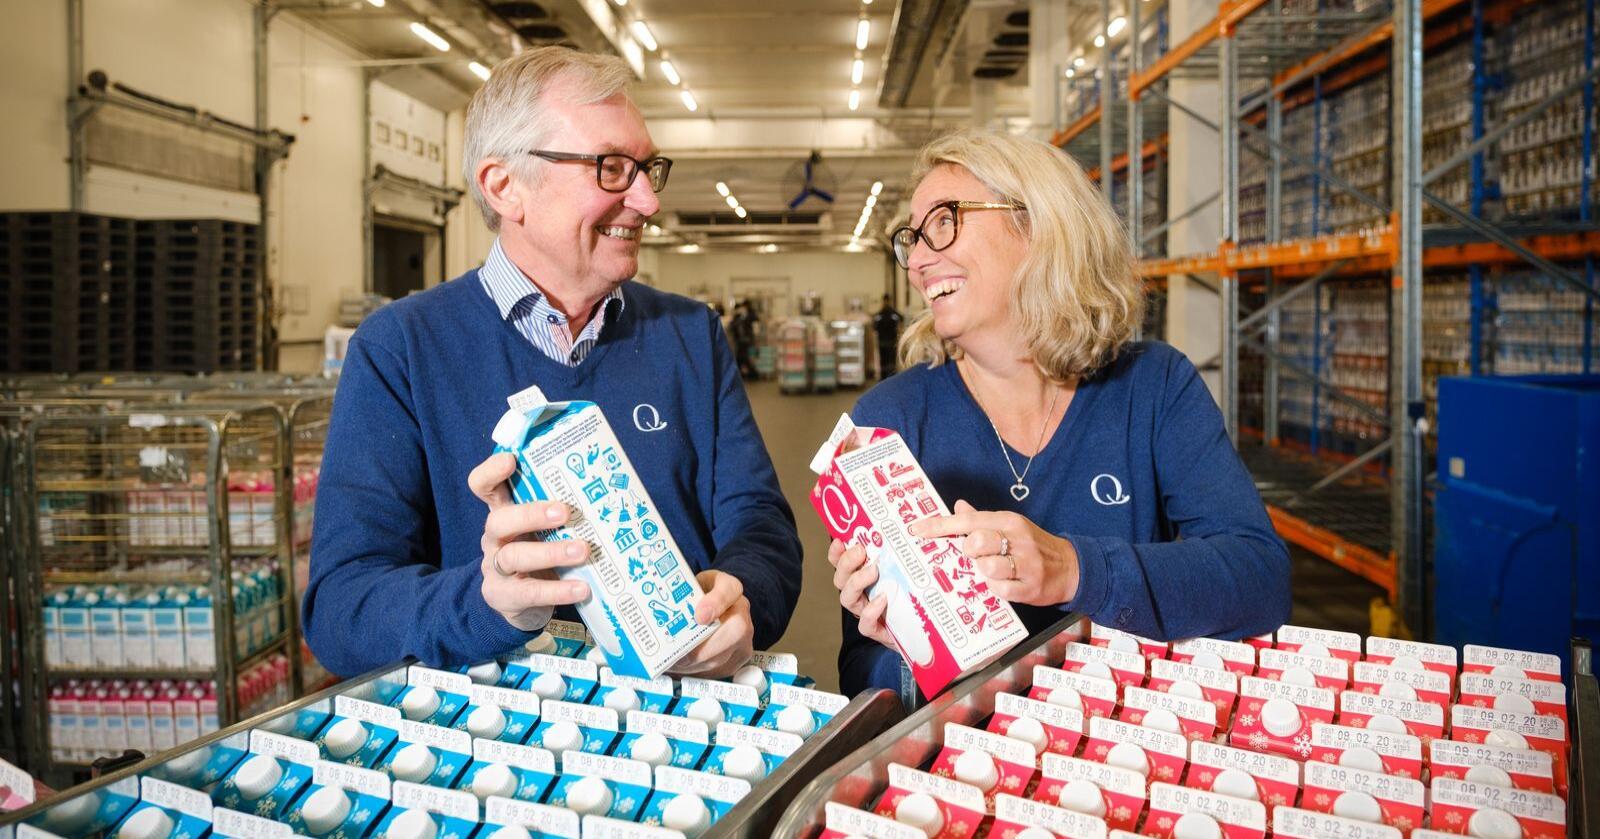 Slutt å tåkelegg hvor superdominant Tine faktisk er, skriver styreleder Kristine Aasheim i Q-meieriene. Her sammen med adm direktør Bent Myrdahl. (Foto: Q-meieriene)